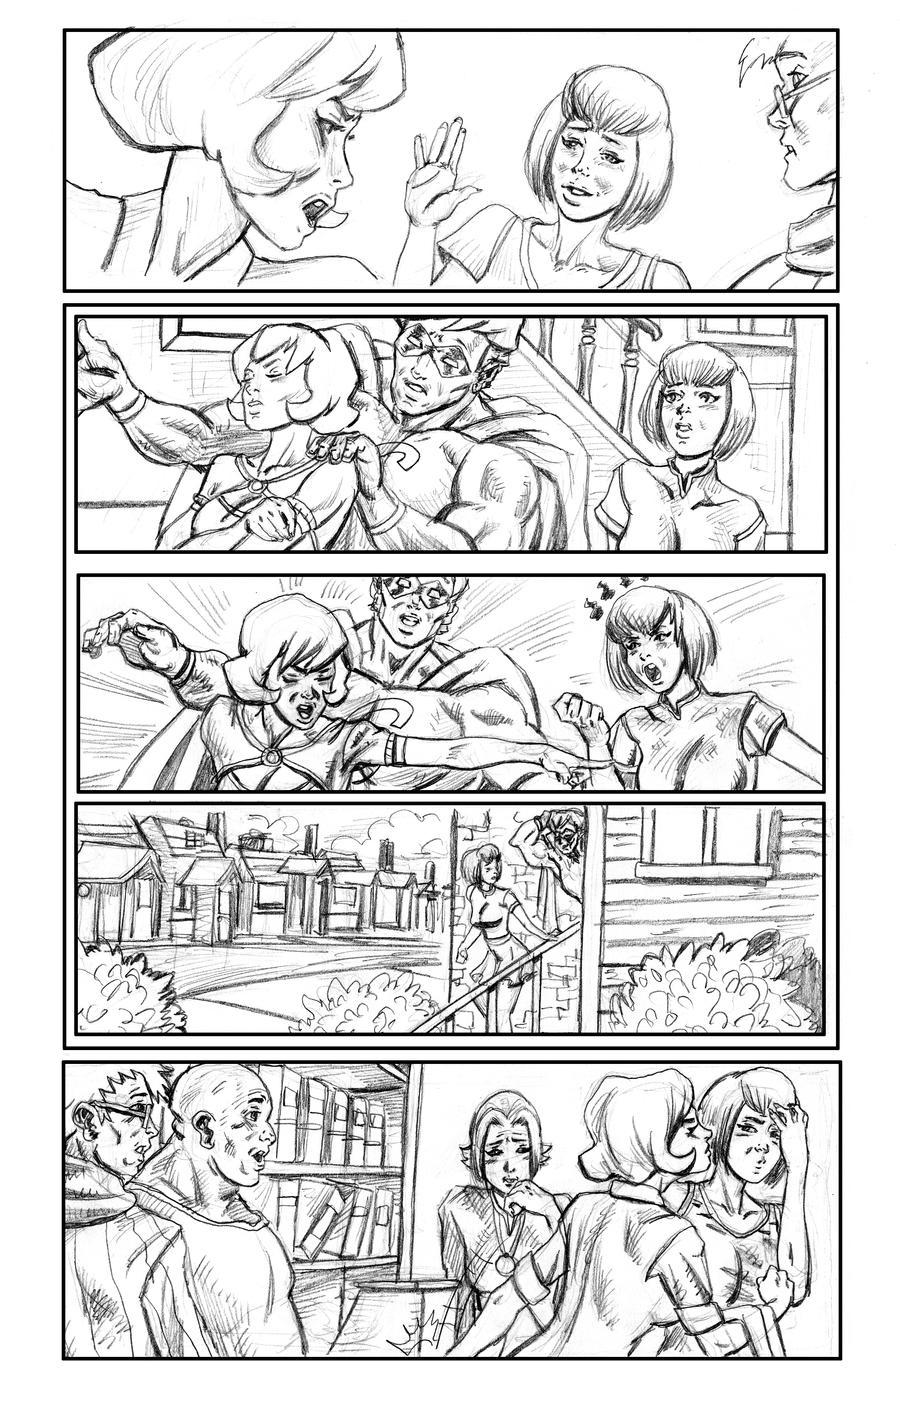 yaoi huntress comic pg_7 by infinitestudios2005